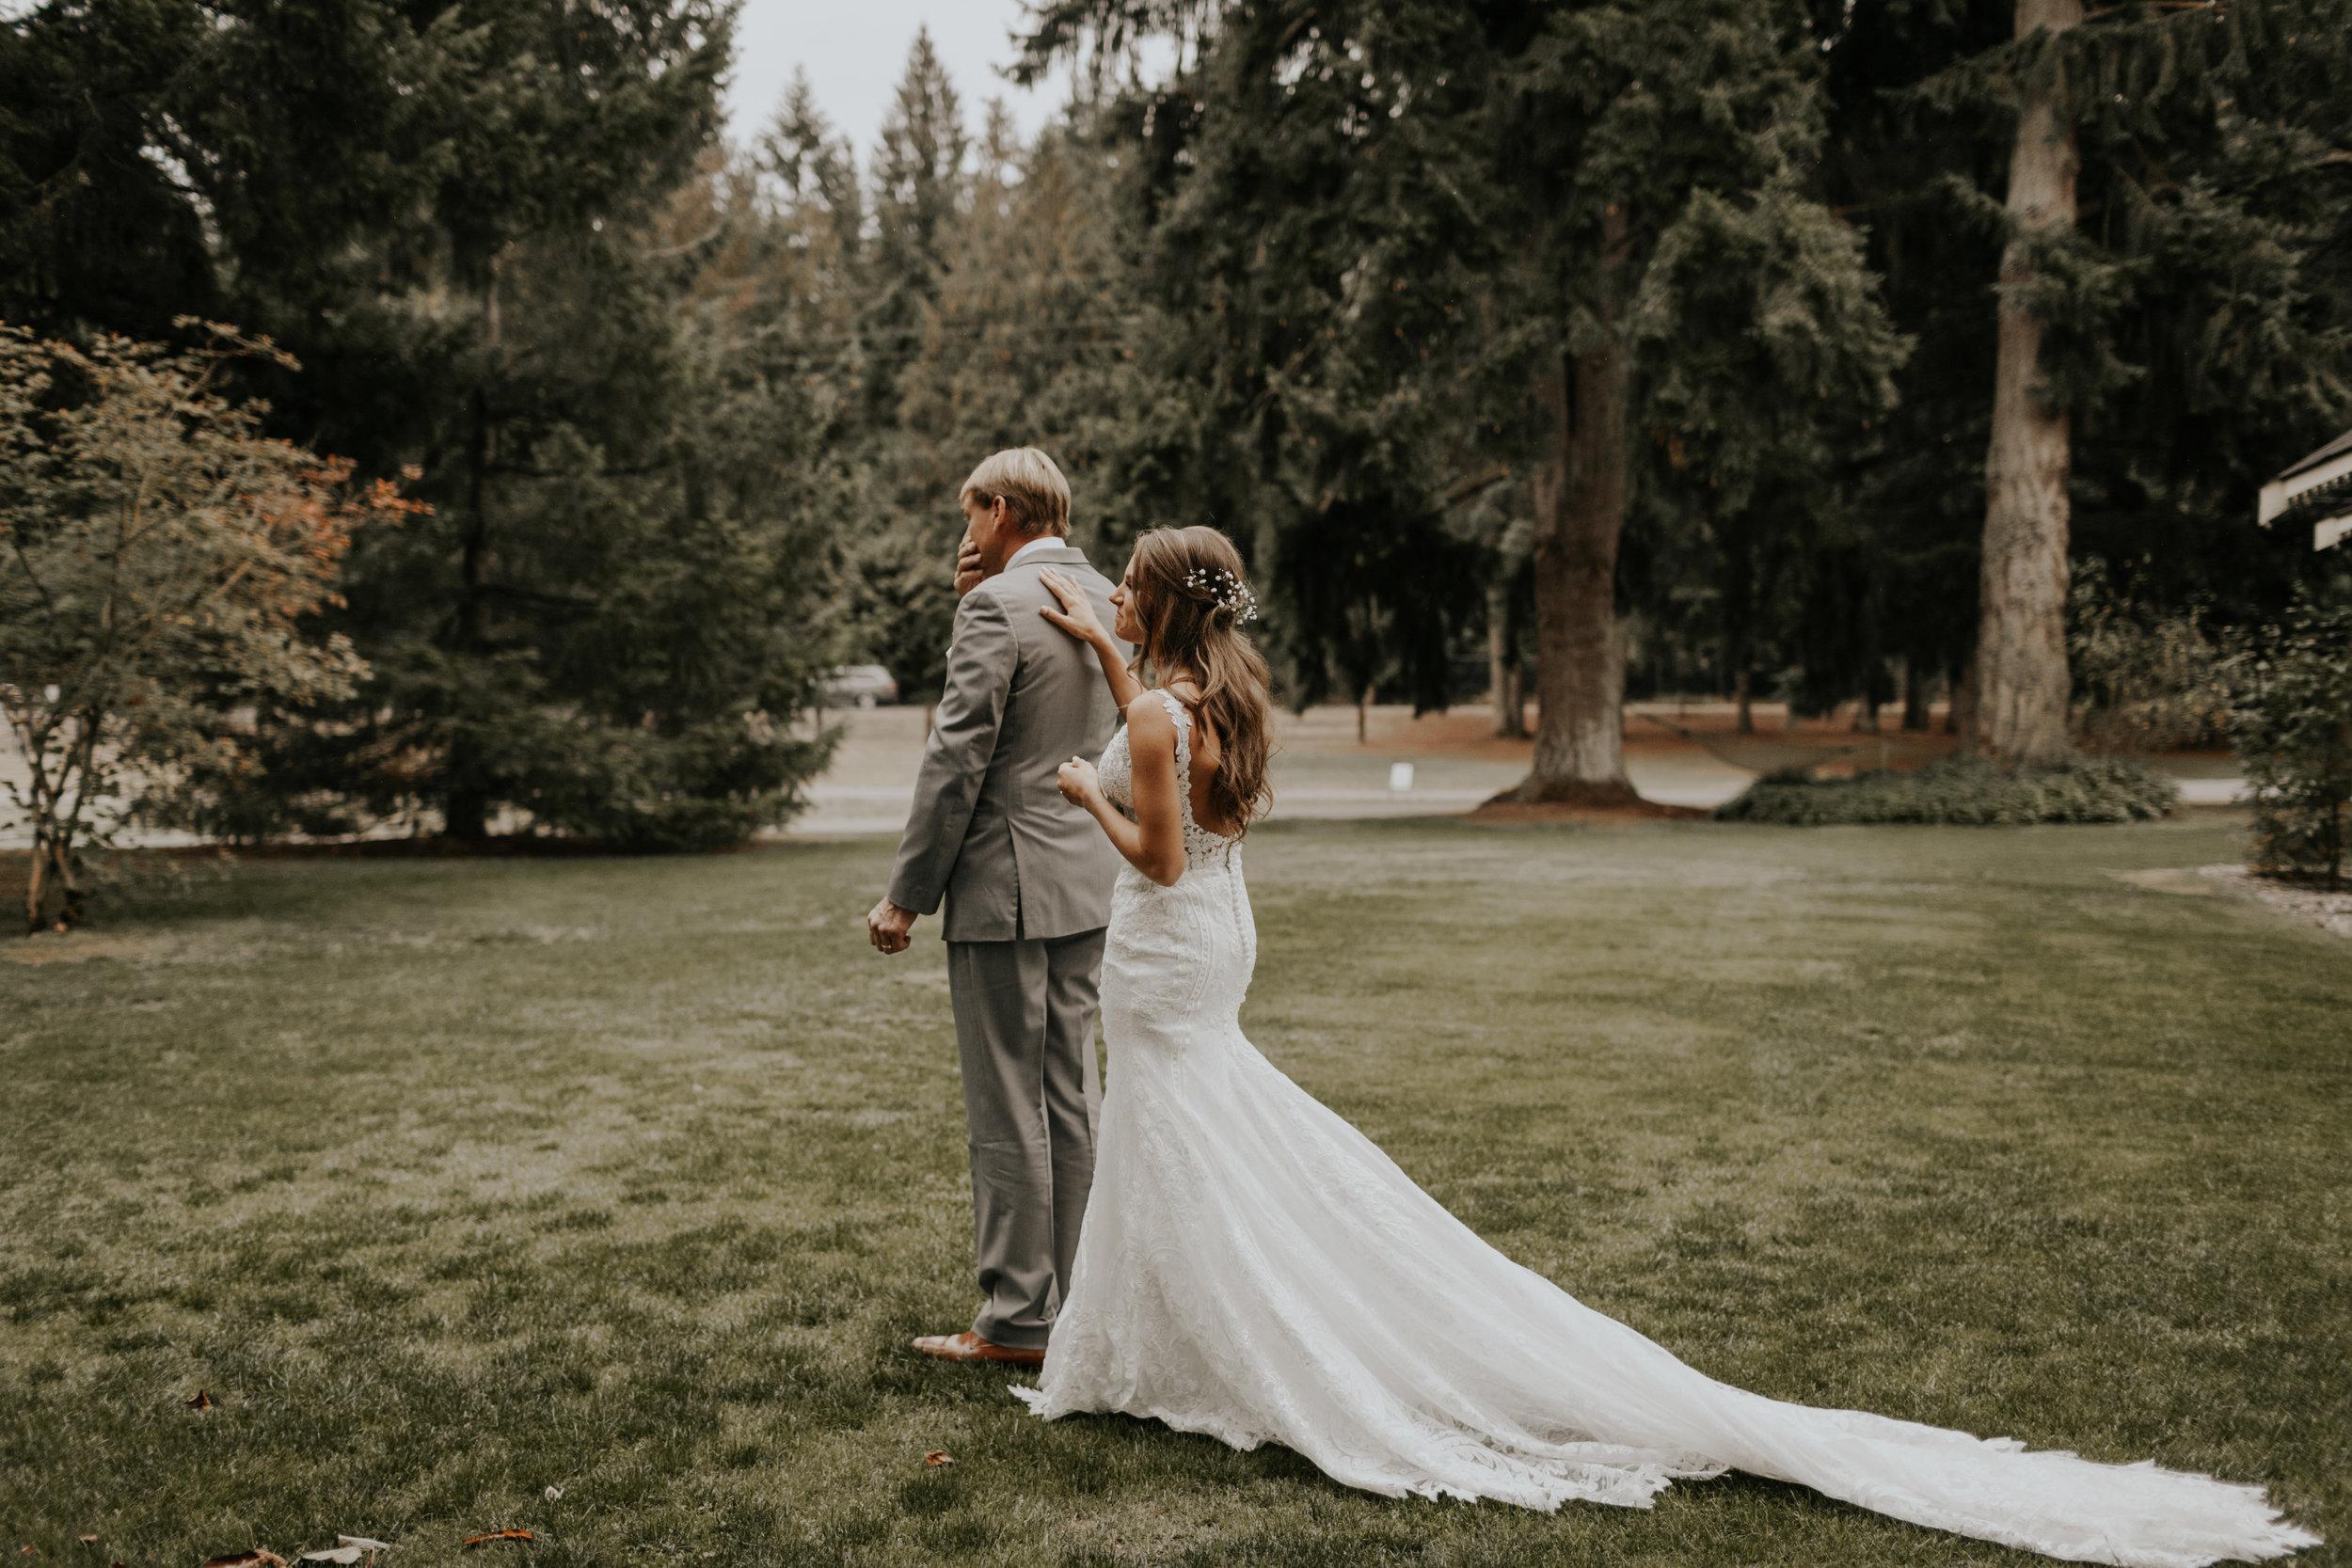 ginapaulson_katjohn_wedding-68.jpg